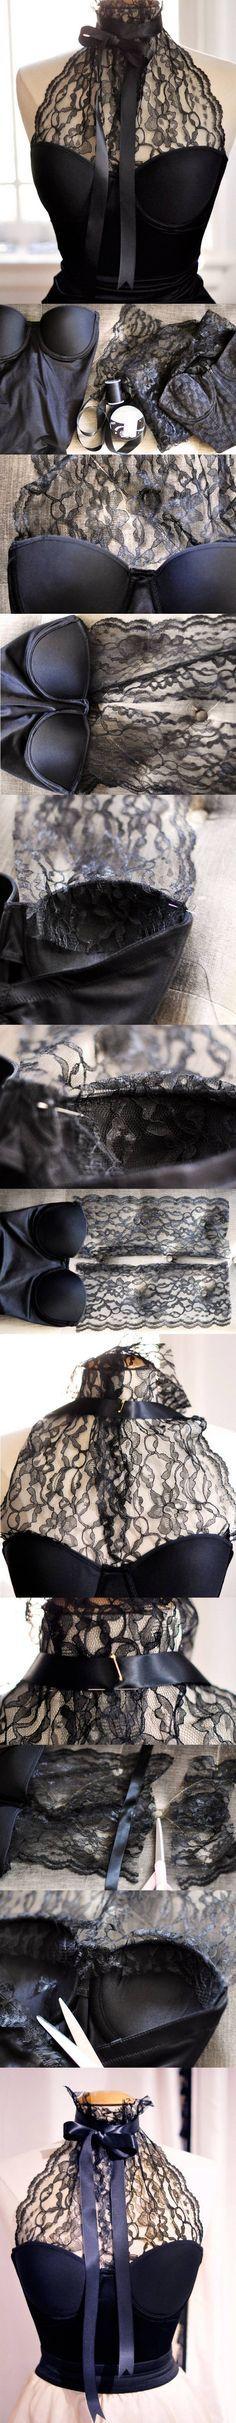 Cuello halter de encaje (deja hombros y espalda desnudos)   -   Cute DIY lace halter. I am going to make this for my birthday!!!